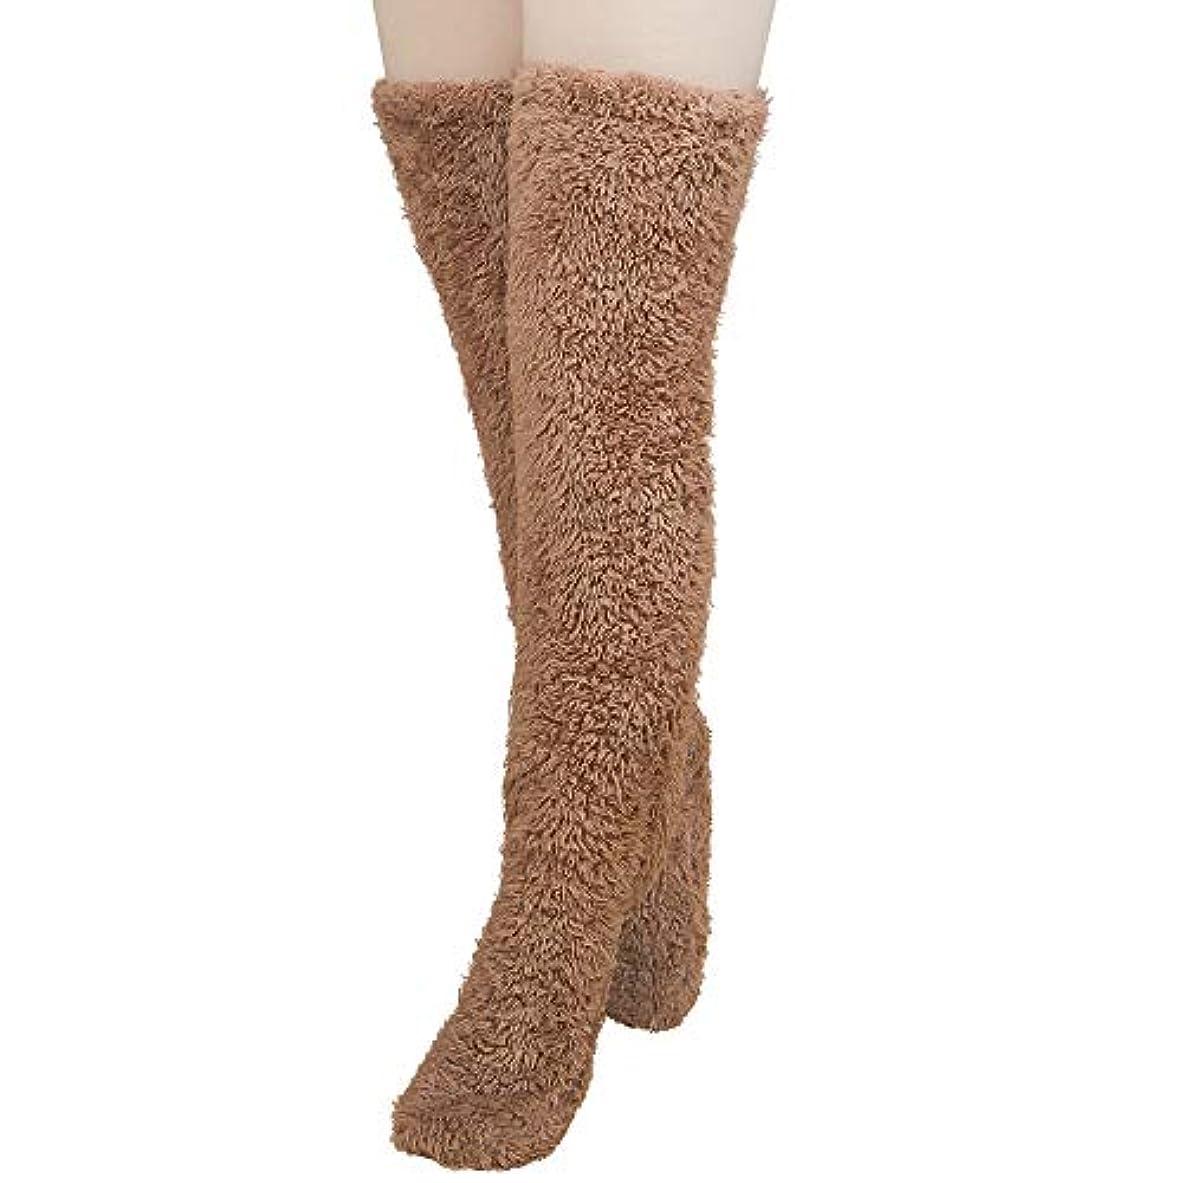 なめる刺激するホーンMiuko 足が出せるロングカバー 極暖 レッグウォーマー ふわふわ靴下 ロングソックス 冷えとり靴下 毛布ソックス 冷え対策 防寒ソックス あったか 超厚手 男女兼用